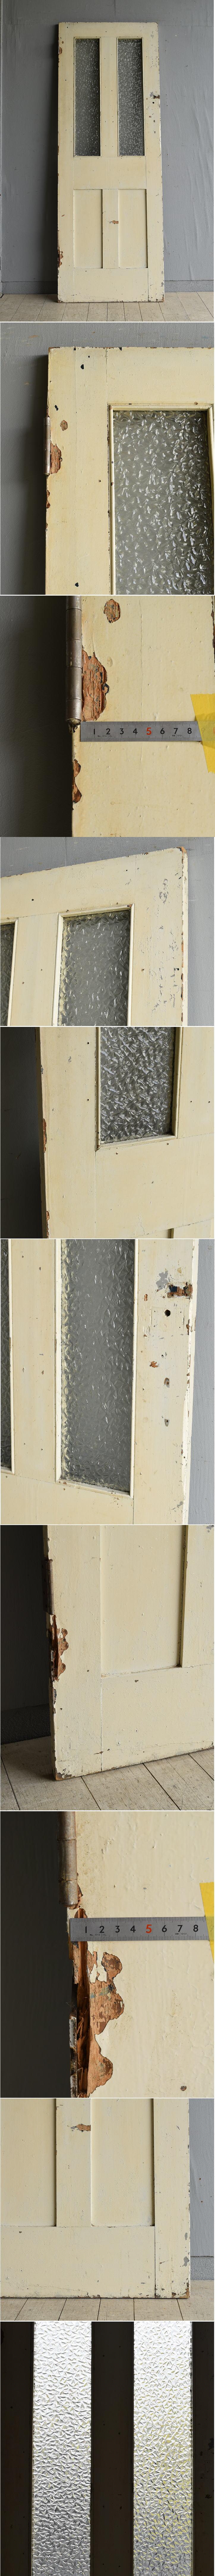 イギリス アンティーク ガラス ドア 扉 ディスプレイ 建具 7966